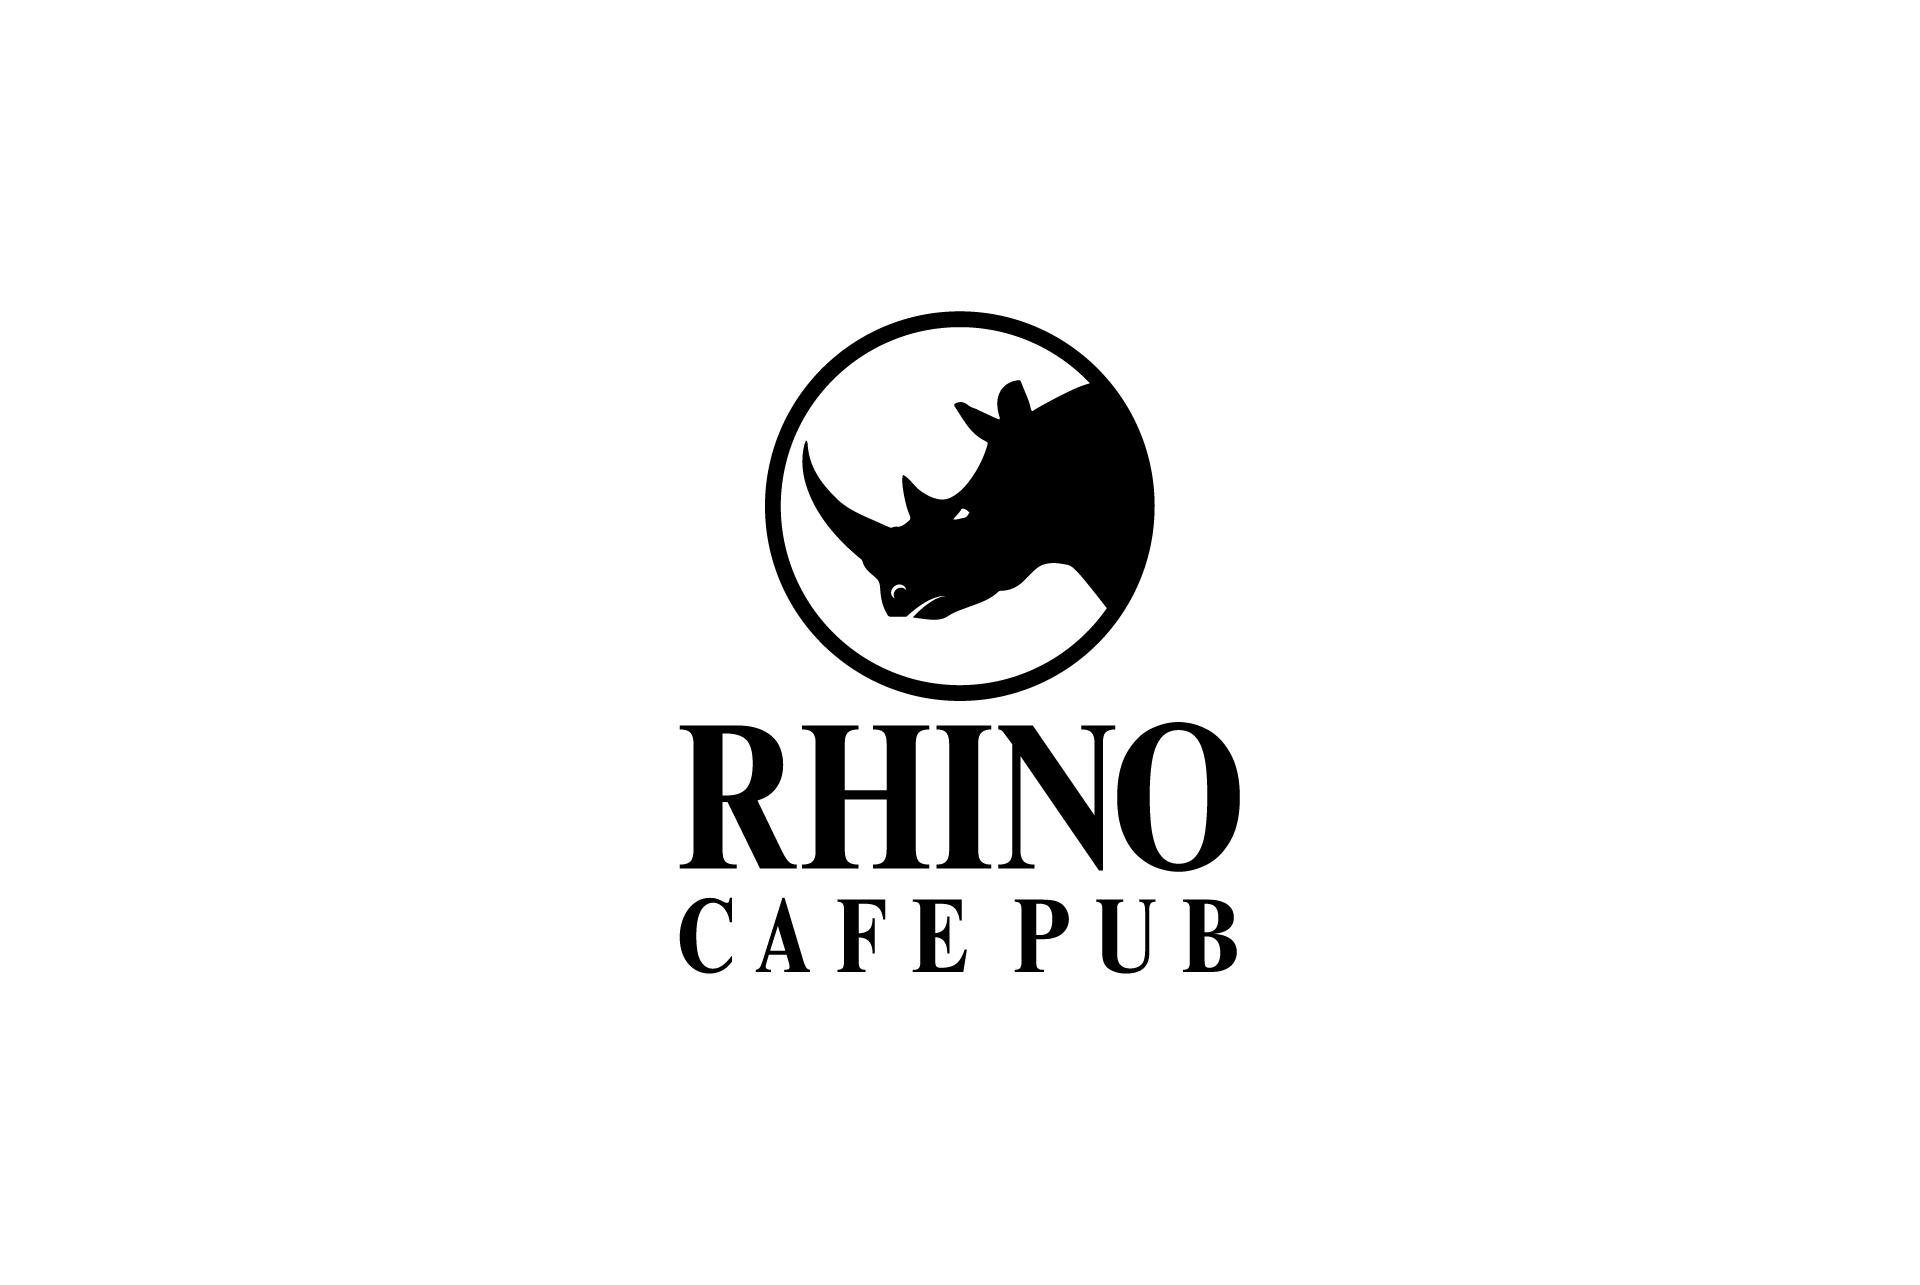 rhino-cafe-pub-02